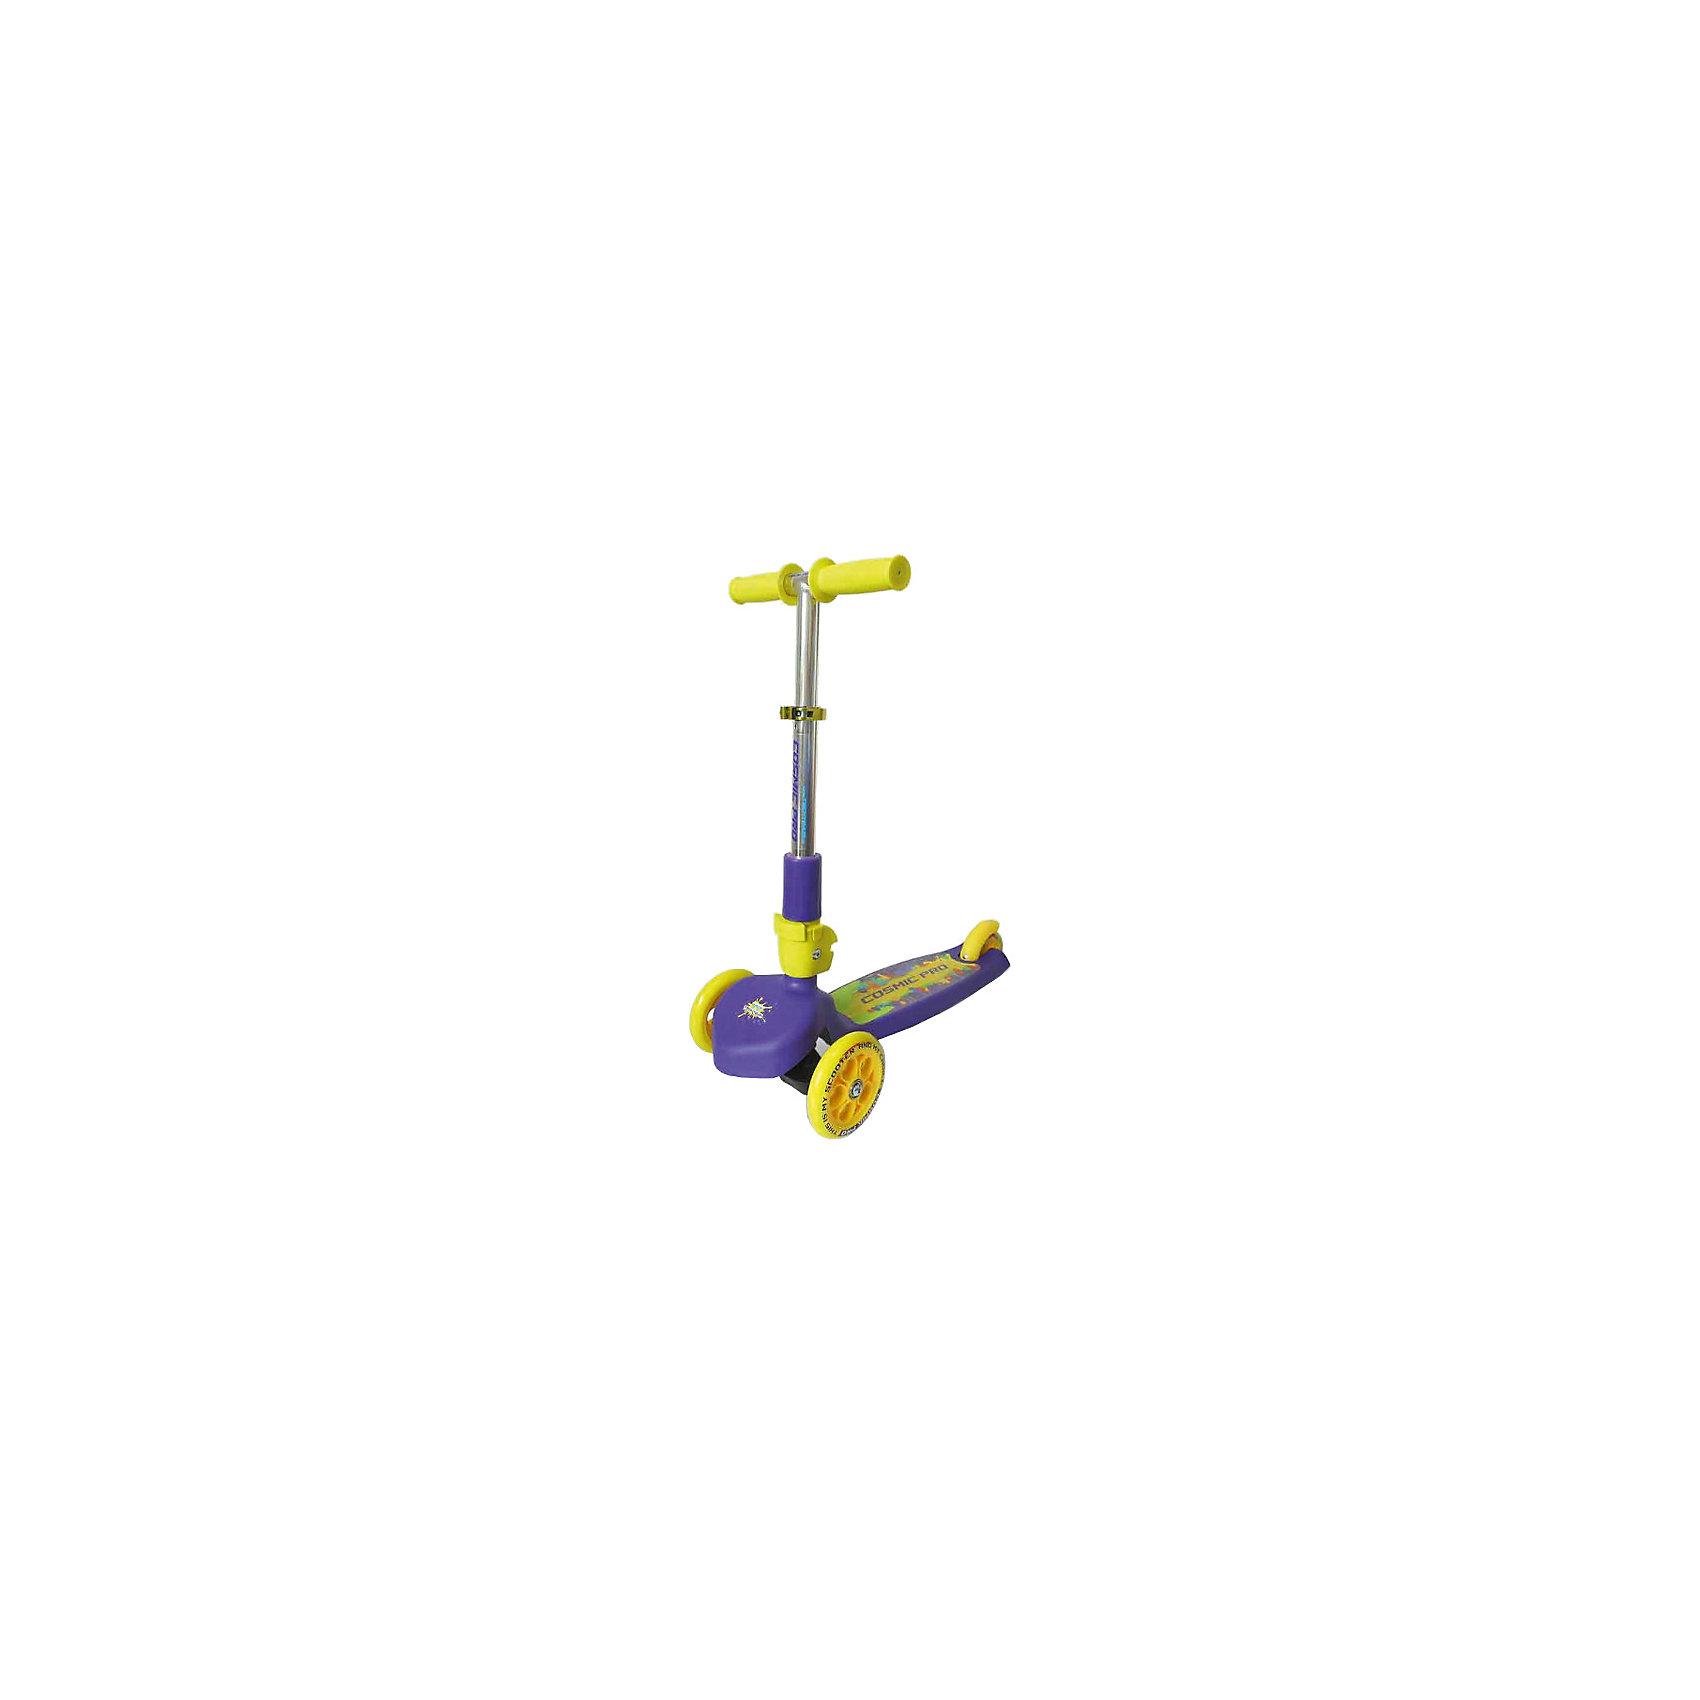 Самокат TT Cosmic pro, фиолетовыйСамокат TT Cosmic pro 1/4 желтый от марки Tech Team<br><br>Удобный яркий самокат - мечта большинства детей на это лето. Он позволит не только отлично проводить время, но и поддерживать здоровую физическую форму. Эта модель выполнена в яркой расцветке: желтый и синий тона. <br>Тщательно проработанный выдвижной механизм руля позволяет за секунды подстроить его под ребенка. Нога располагается на удобной поверхности, что обеспечивает безопасность езды на самокате. Не забудьте обеспечить ребенка налокотниками и наколенниками. Выполненные в стильном дизайне, они станут отличным элементом модного образа ребенка.<br><br>Отличительные особенности модели:<br><br>складной механизм руля;<br>материал: ударостойкий пластик;<br>цвет: желтый, синий;<br>размер платформы: 29,5 x 11 см;<br>материал ручки: алюминий;<br>размер передних колес: 120 х 24 мм;<br>размер заднего колеса: 100 х 24 мм;<br>подшипники: AВЕС 5 carbon.<br><br>Самокат TT Cosmic pro 1/4 желтый от марки Tech Team можно купить в нашем магазине.<br><br>Ширина мм: 590<br>Глубина мм: 290<br>Высота мм: 280<br>Вес г: 2500<br>Возраст от месяцев: 24<br>Возраст до месяцев: 48<br>Пол: Унисекс<br>Возраст: Детский<br>SKU: 4657065